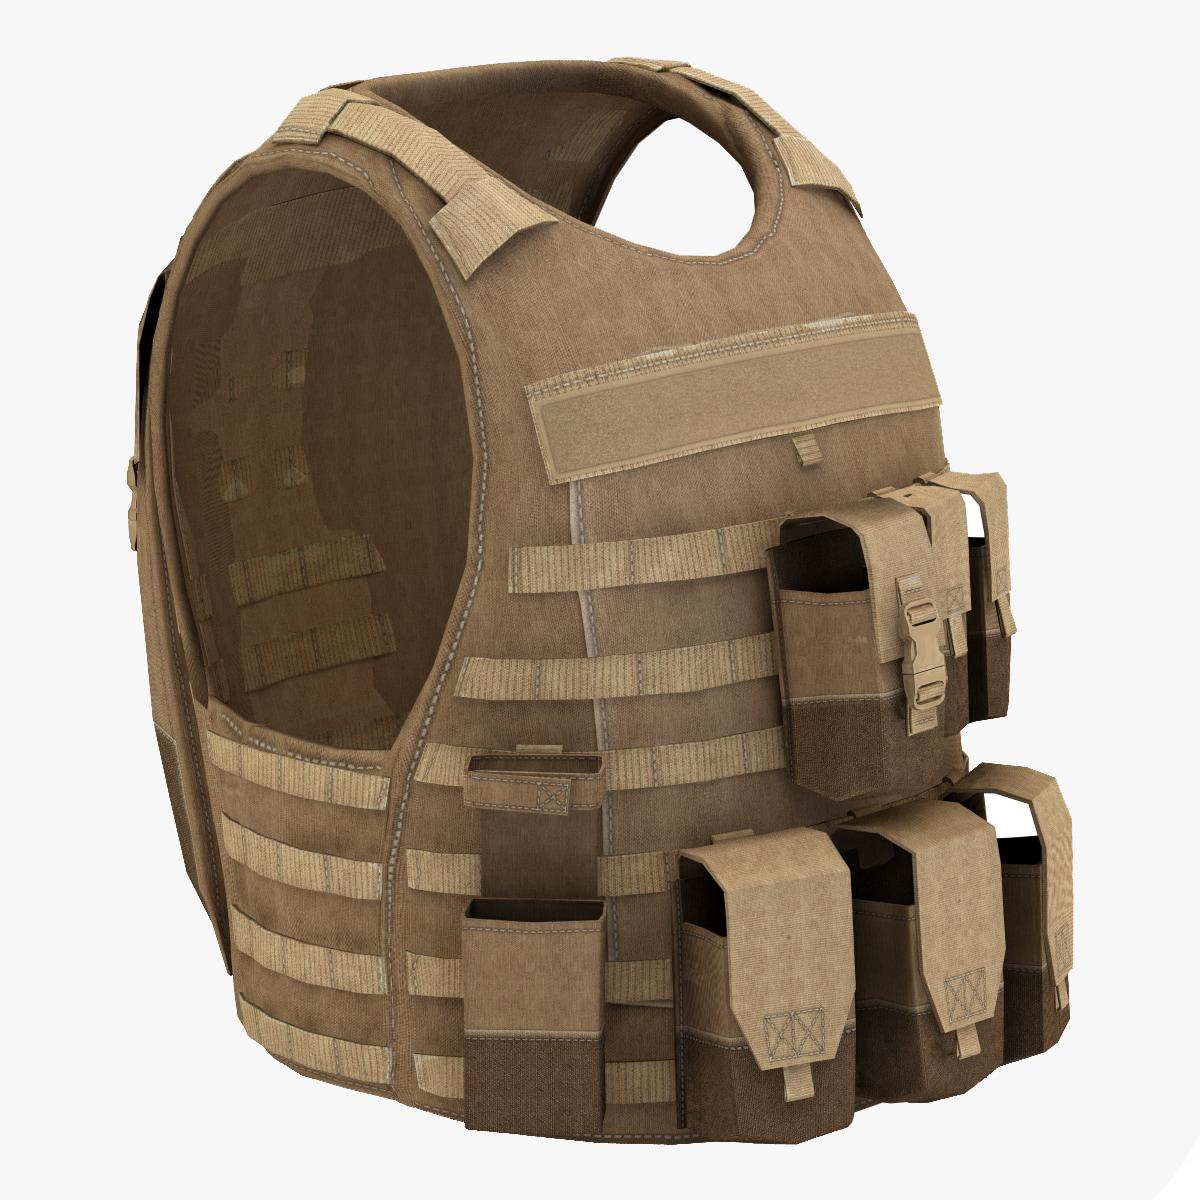 Military_Bulletproof_Vest_000.jpg